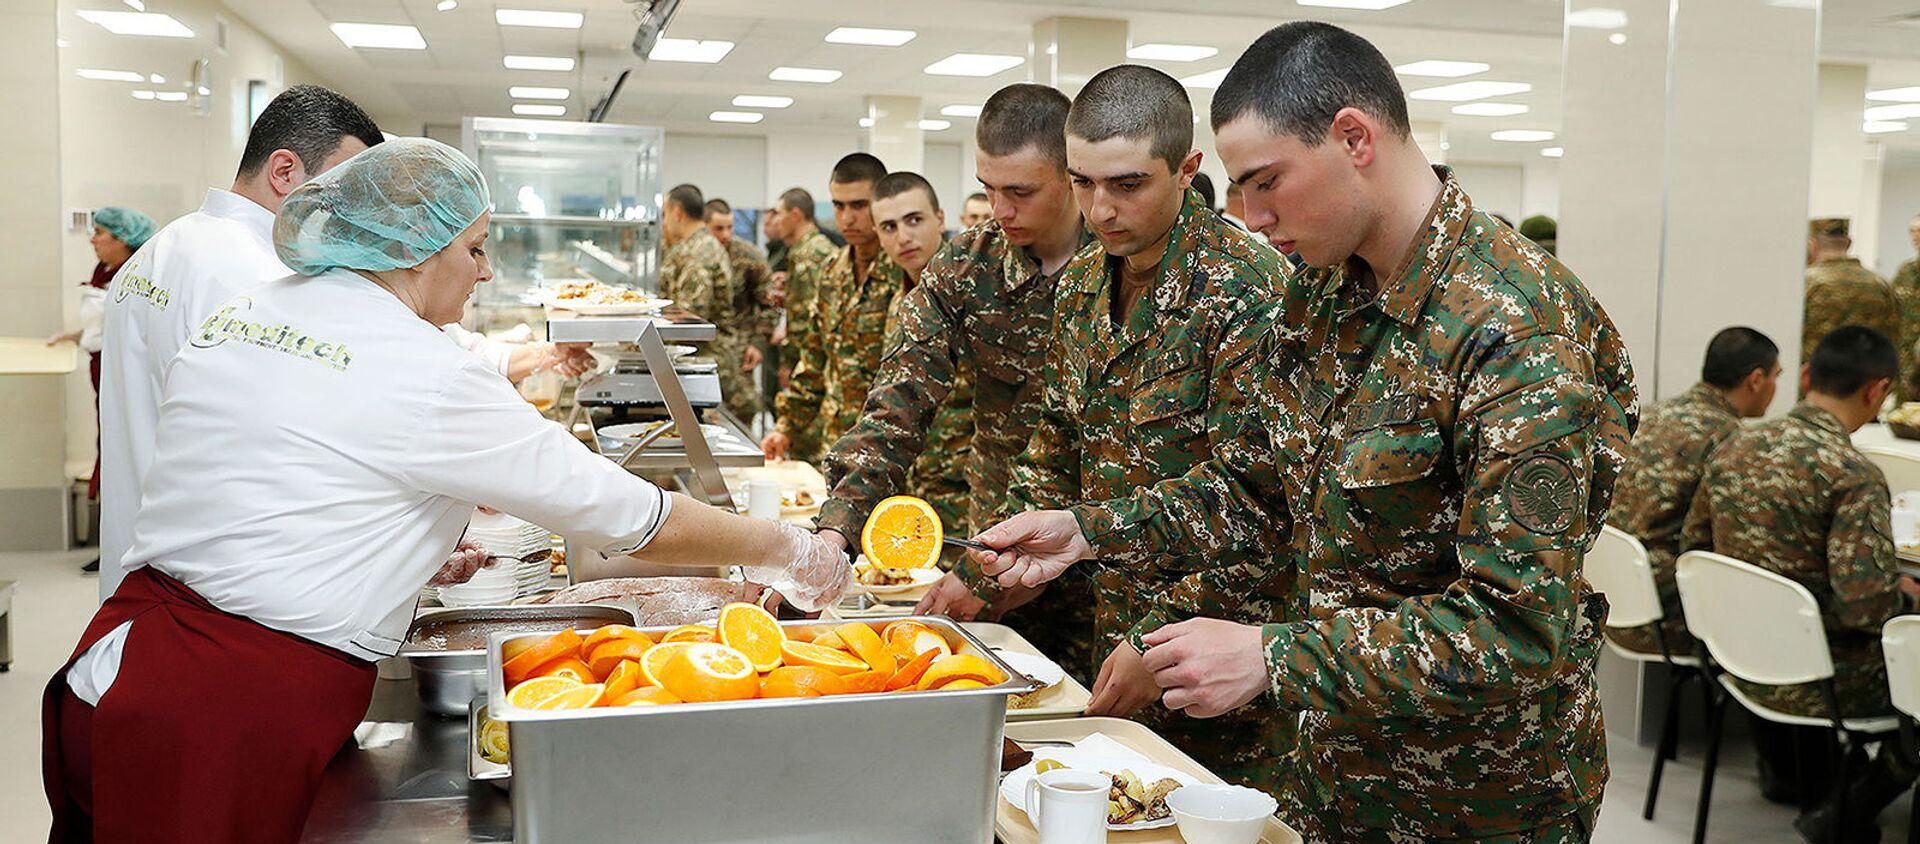 Солдаты в военной столовой во время обеда - Sputnik Արմենիա, 1920, 09.08.2021